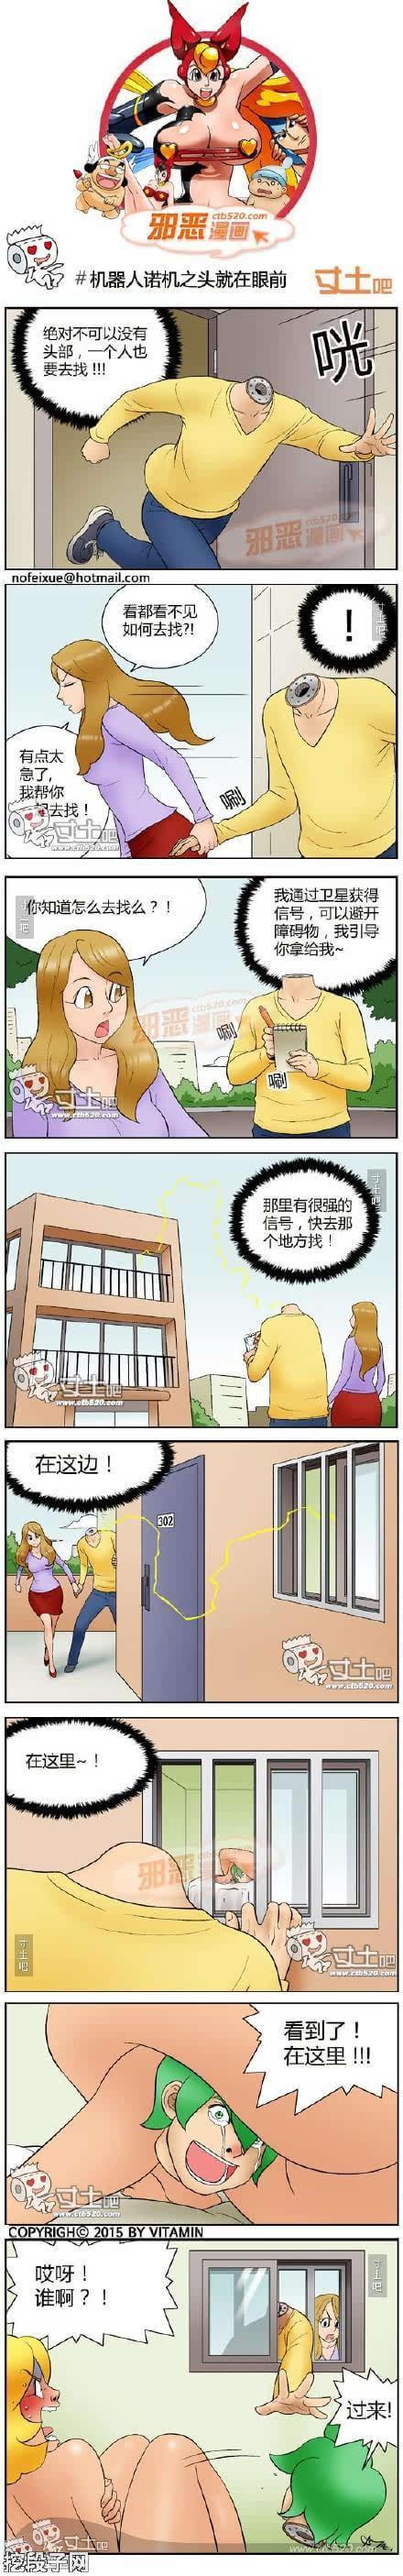 邪恶漫画之家庭教师原网高清_《邪恶漫画》机器人诺机之就在眼前